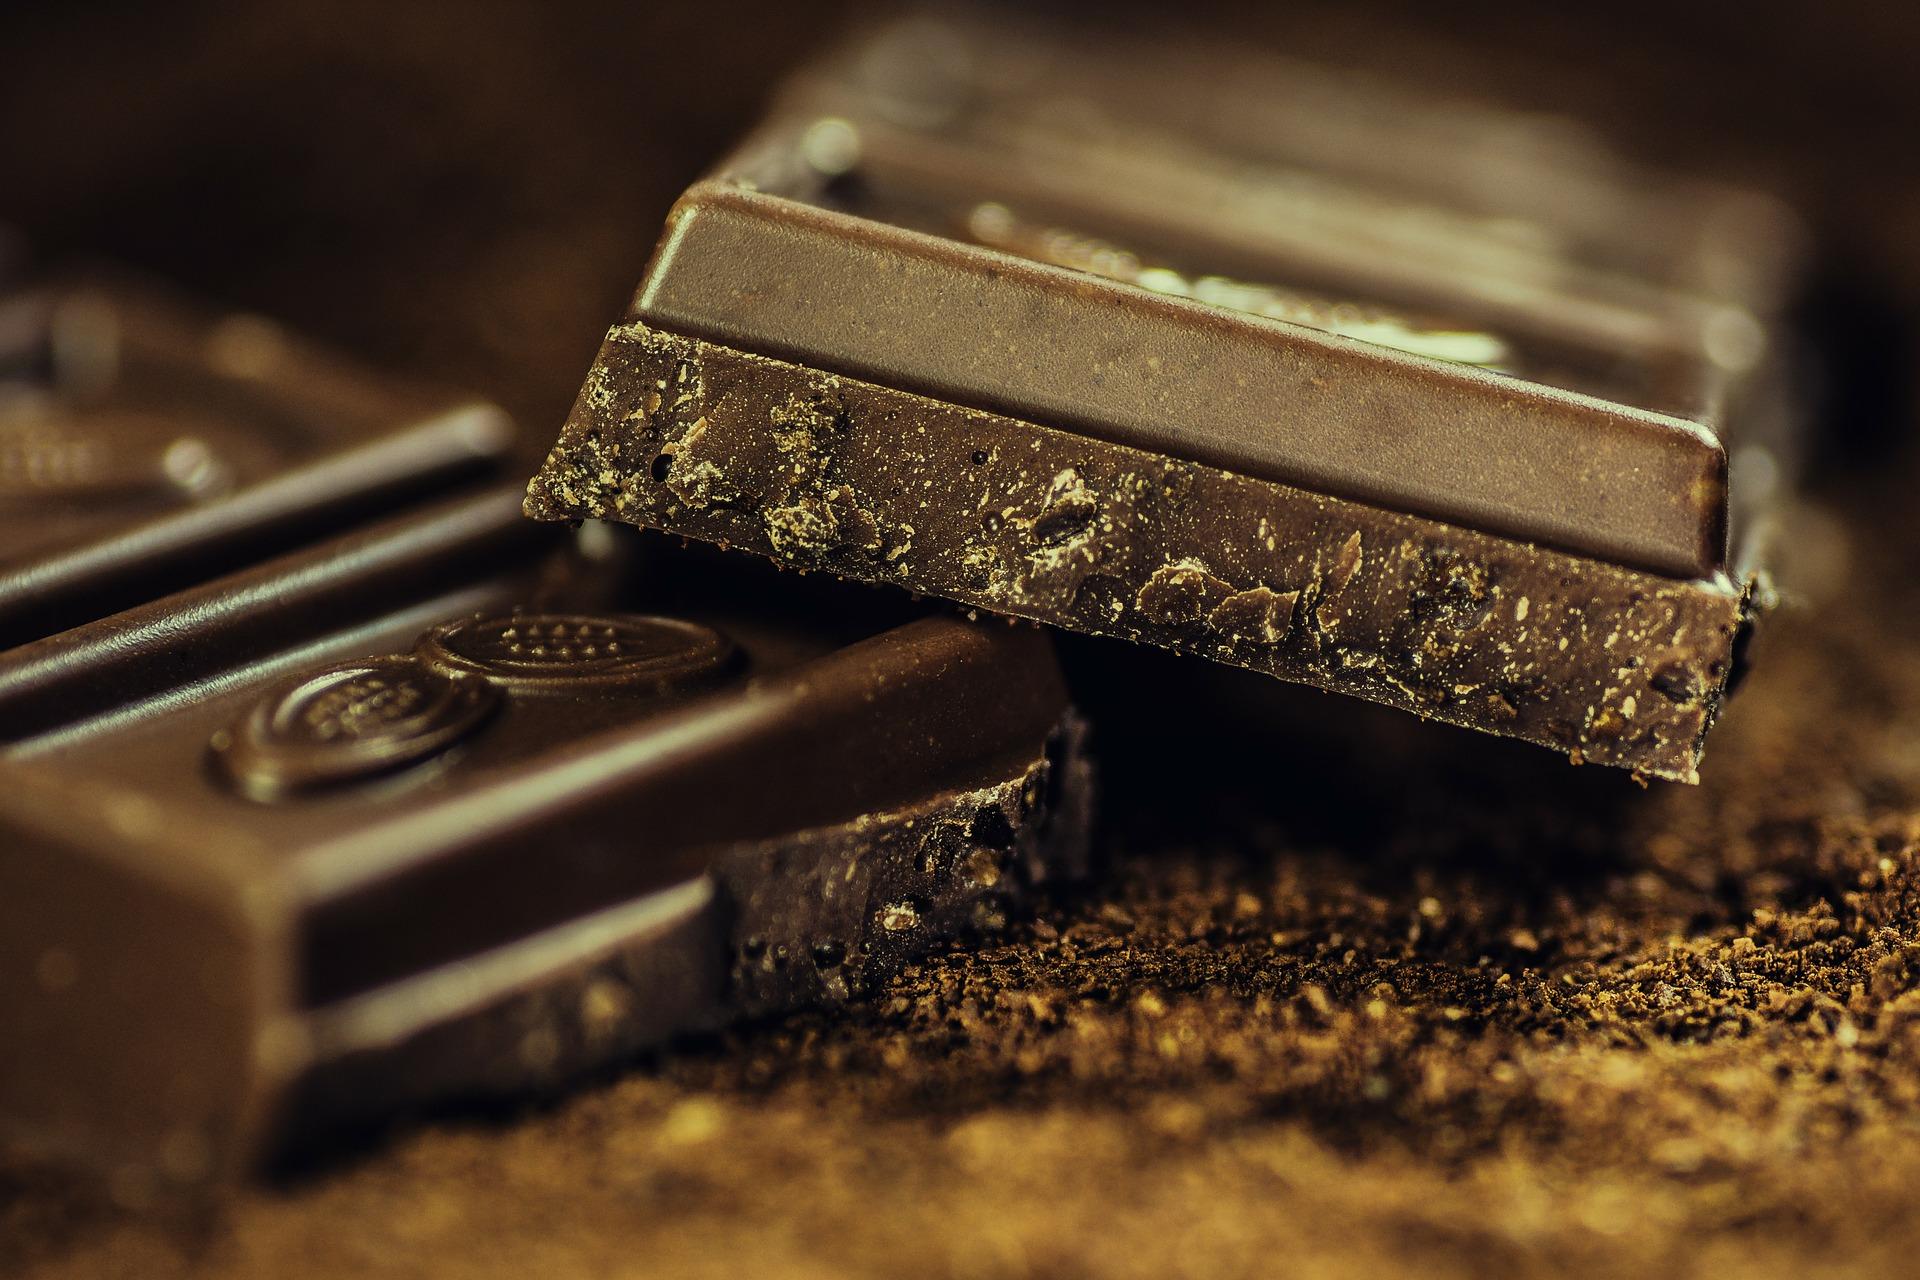 Så er der choko: Aarhus-restaurant inviterer til chokolademi...